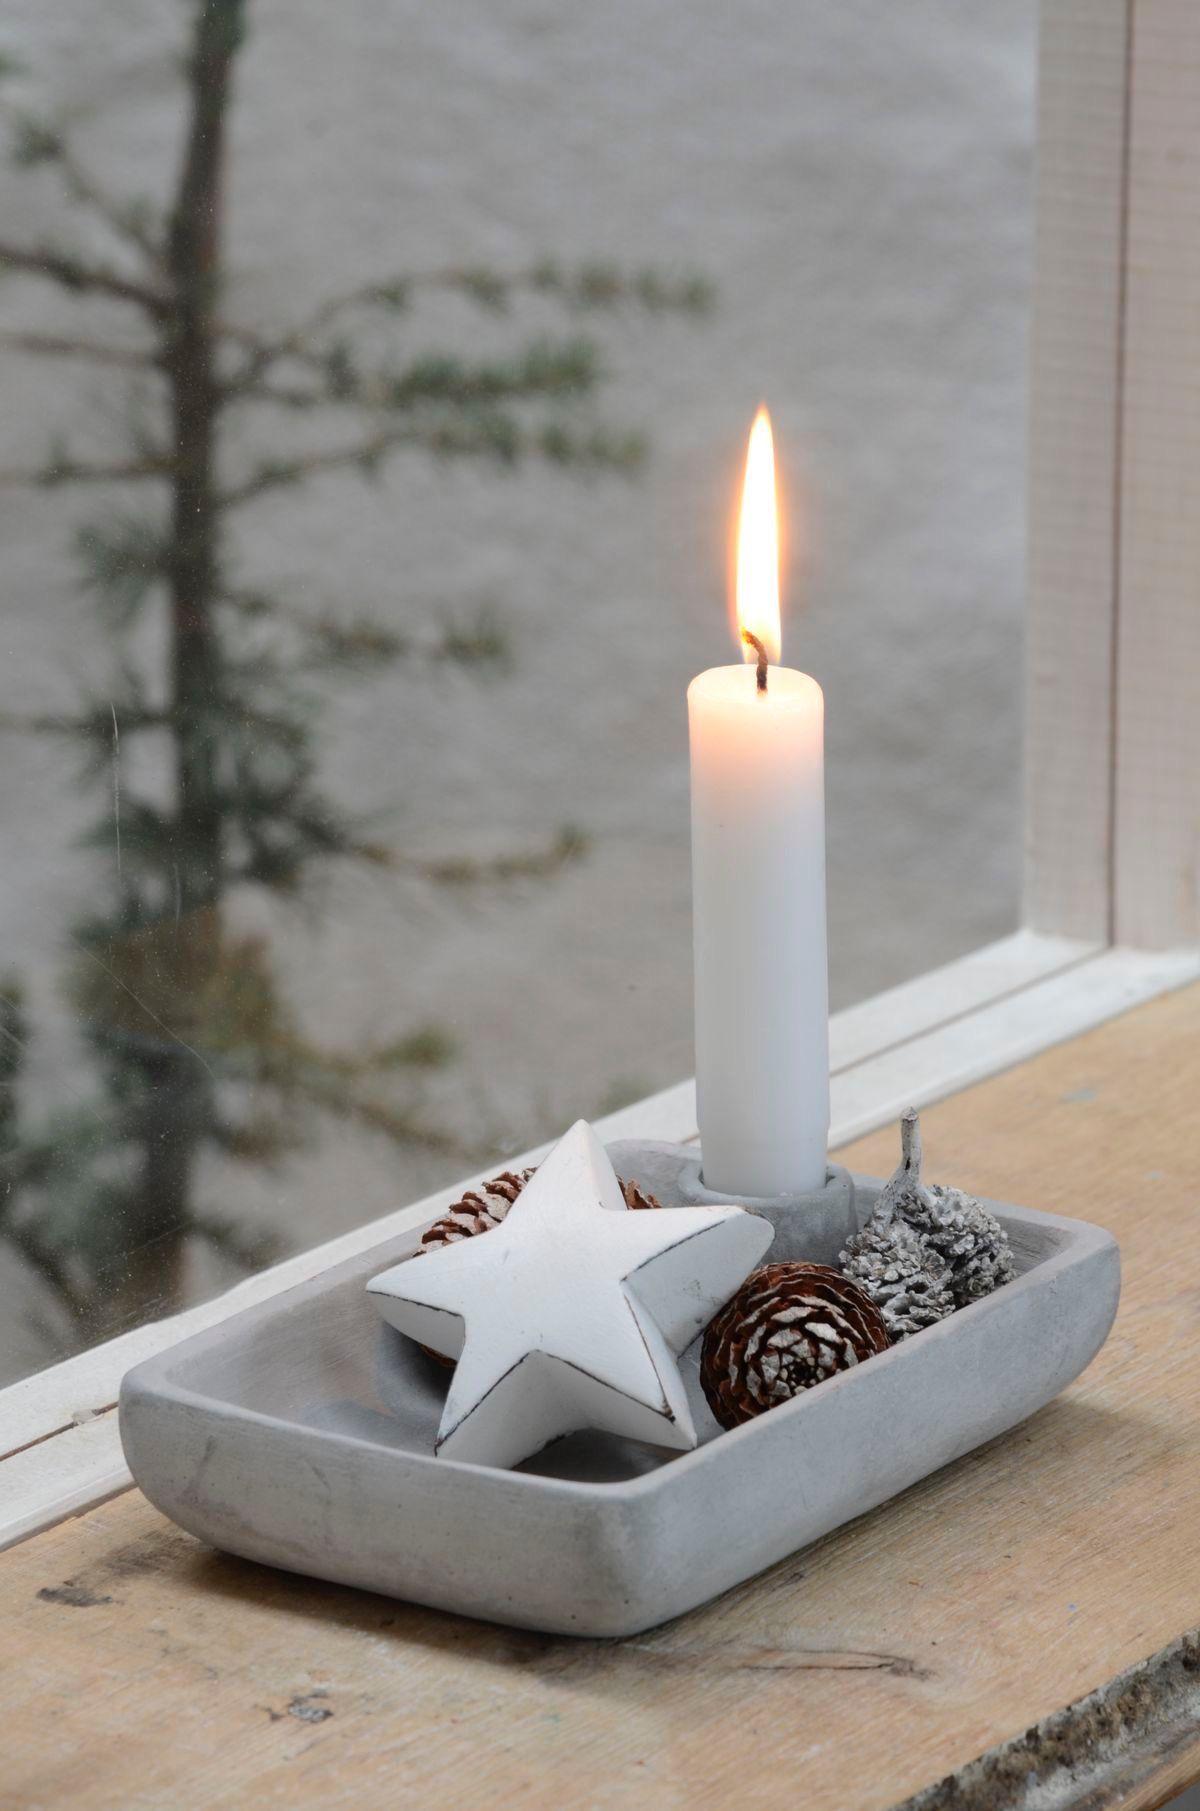 Pin De Mrs B En Trimming The Tree Manualidades En Cemento Cemento Decorativo Arte Con Cemento